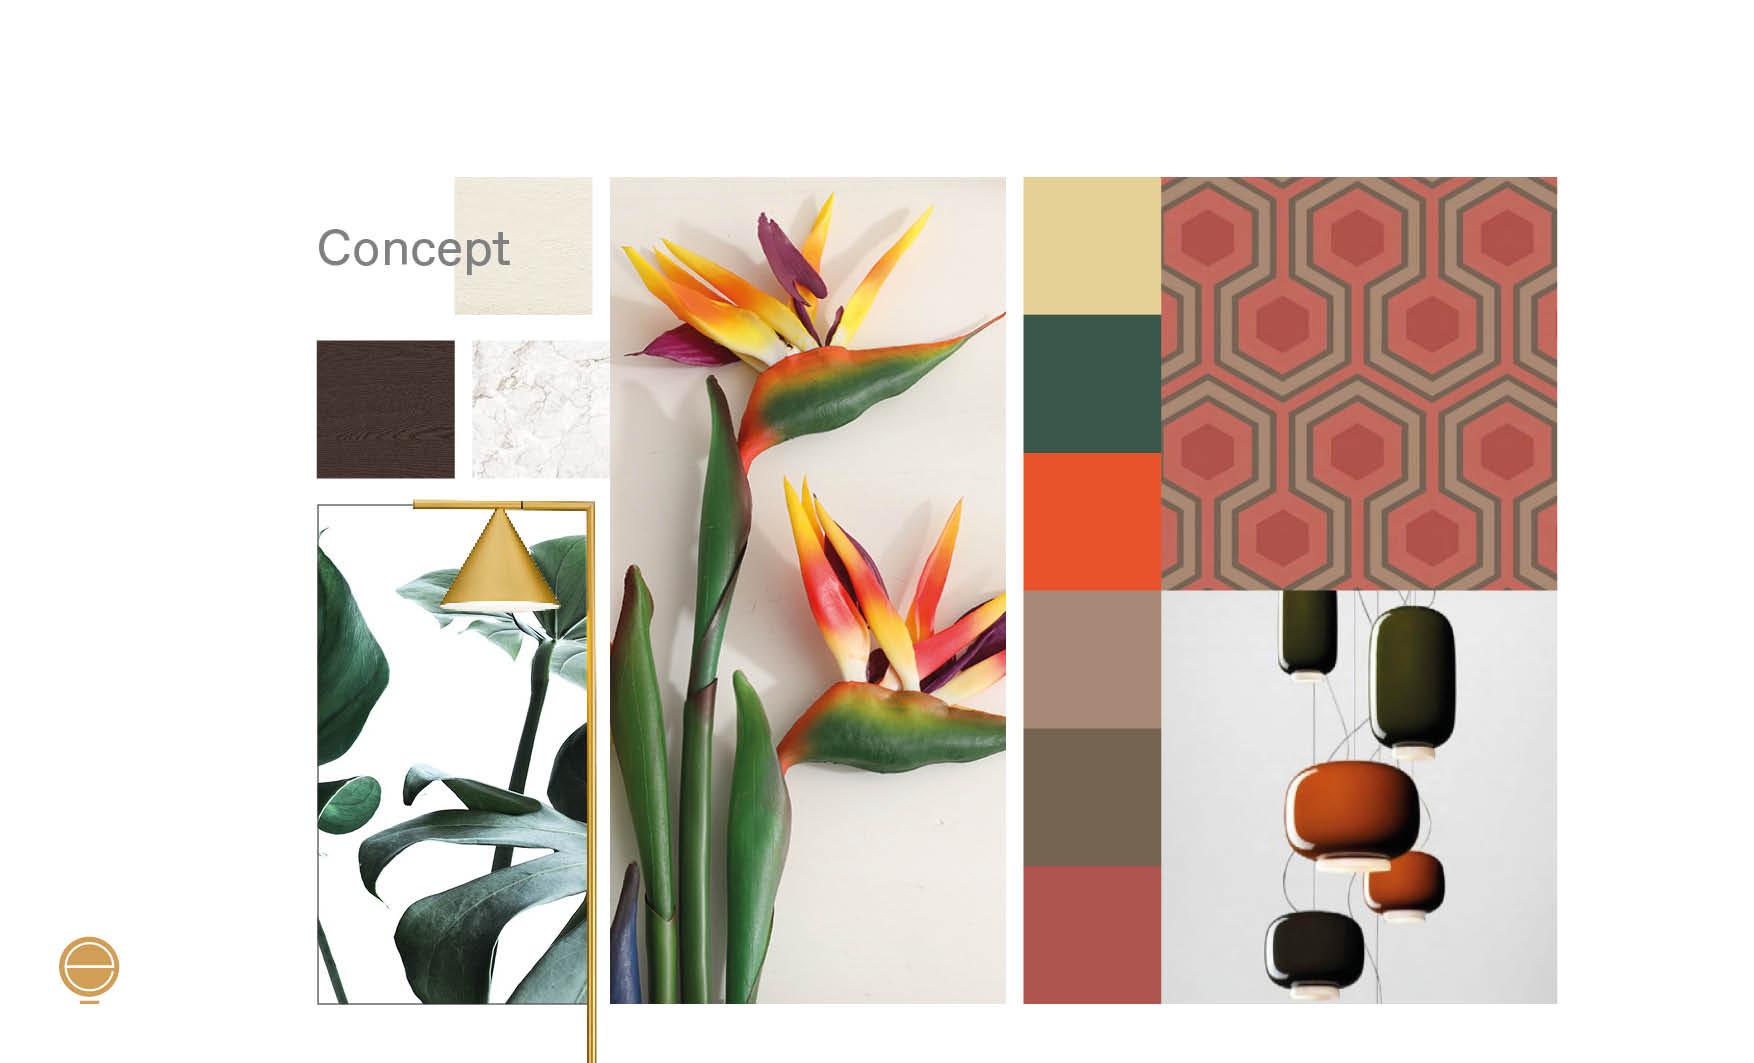 Interior design inspiration moodboard concept by Esperiri